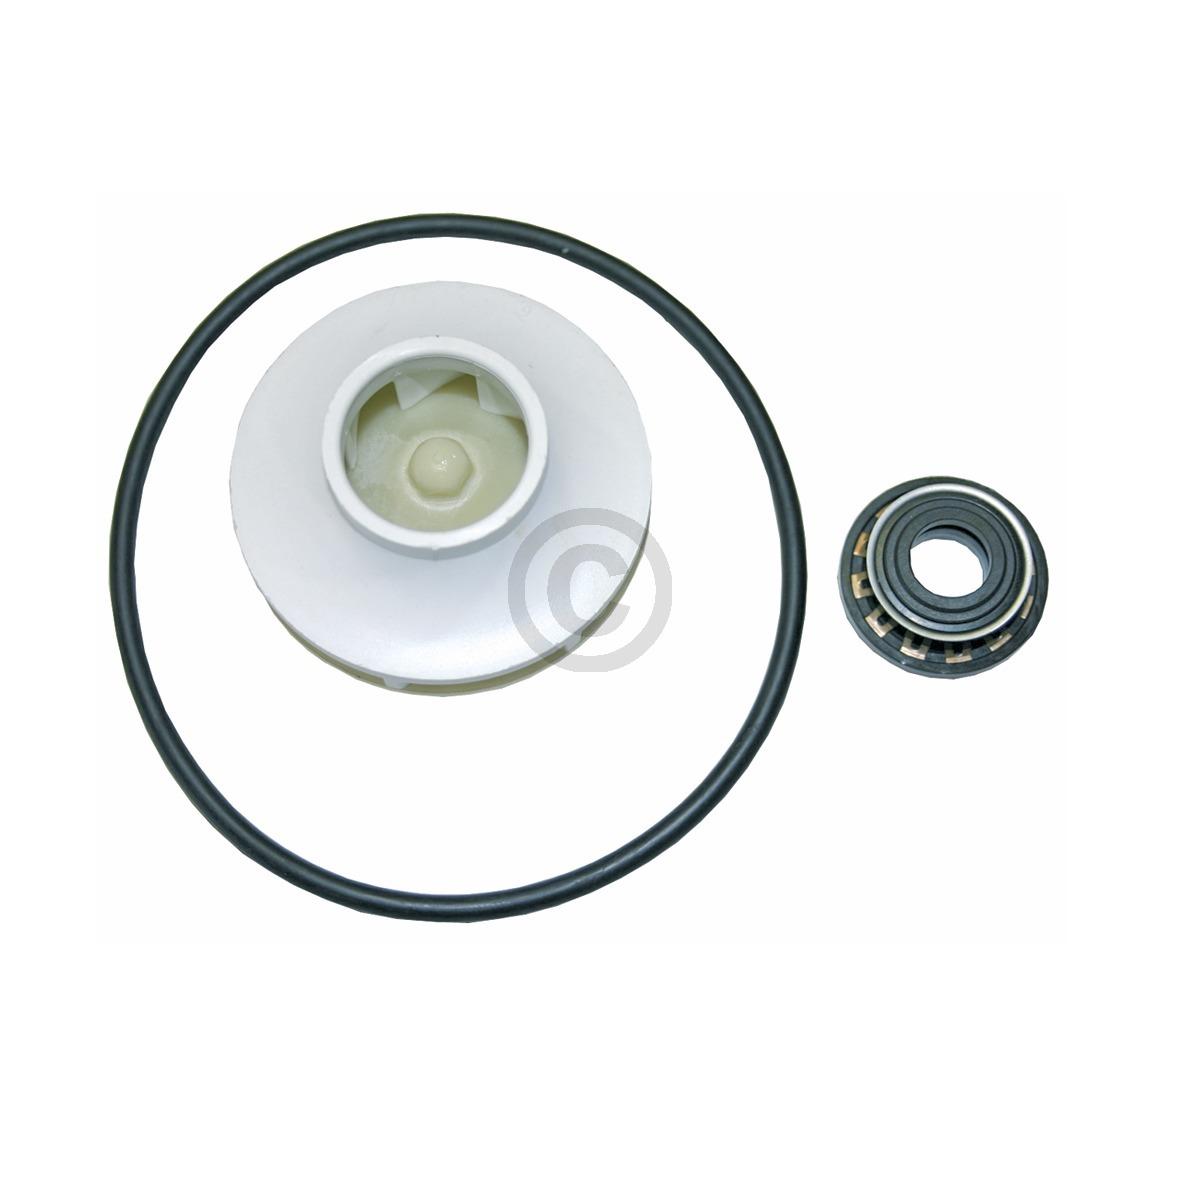 Pumpen-Dichtsatz für Umwälzpumpe, AT! 00183638 183638 Bosch, Siemens, Neff